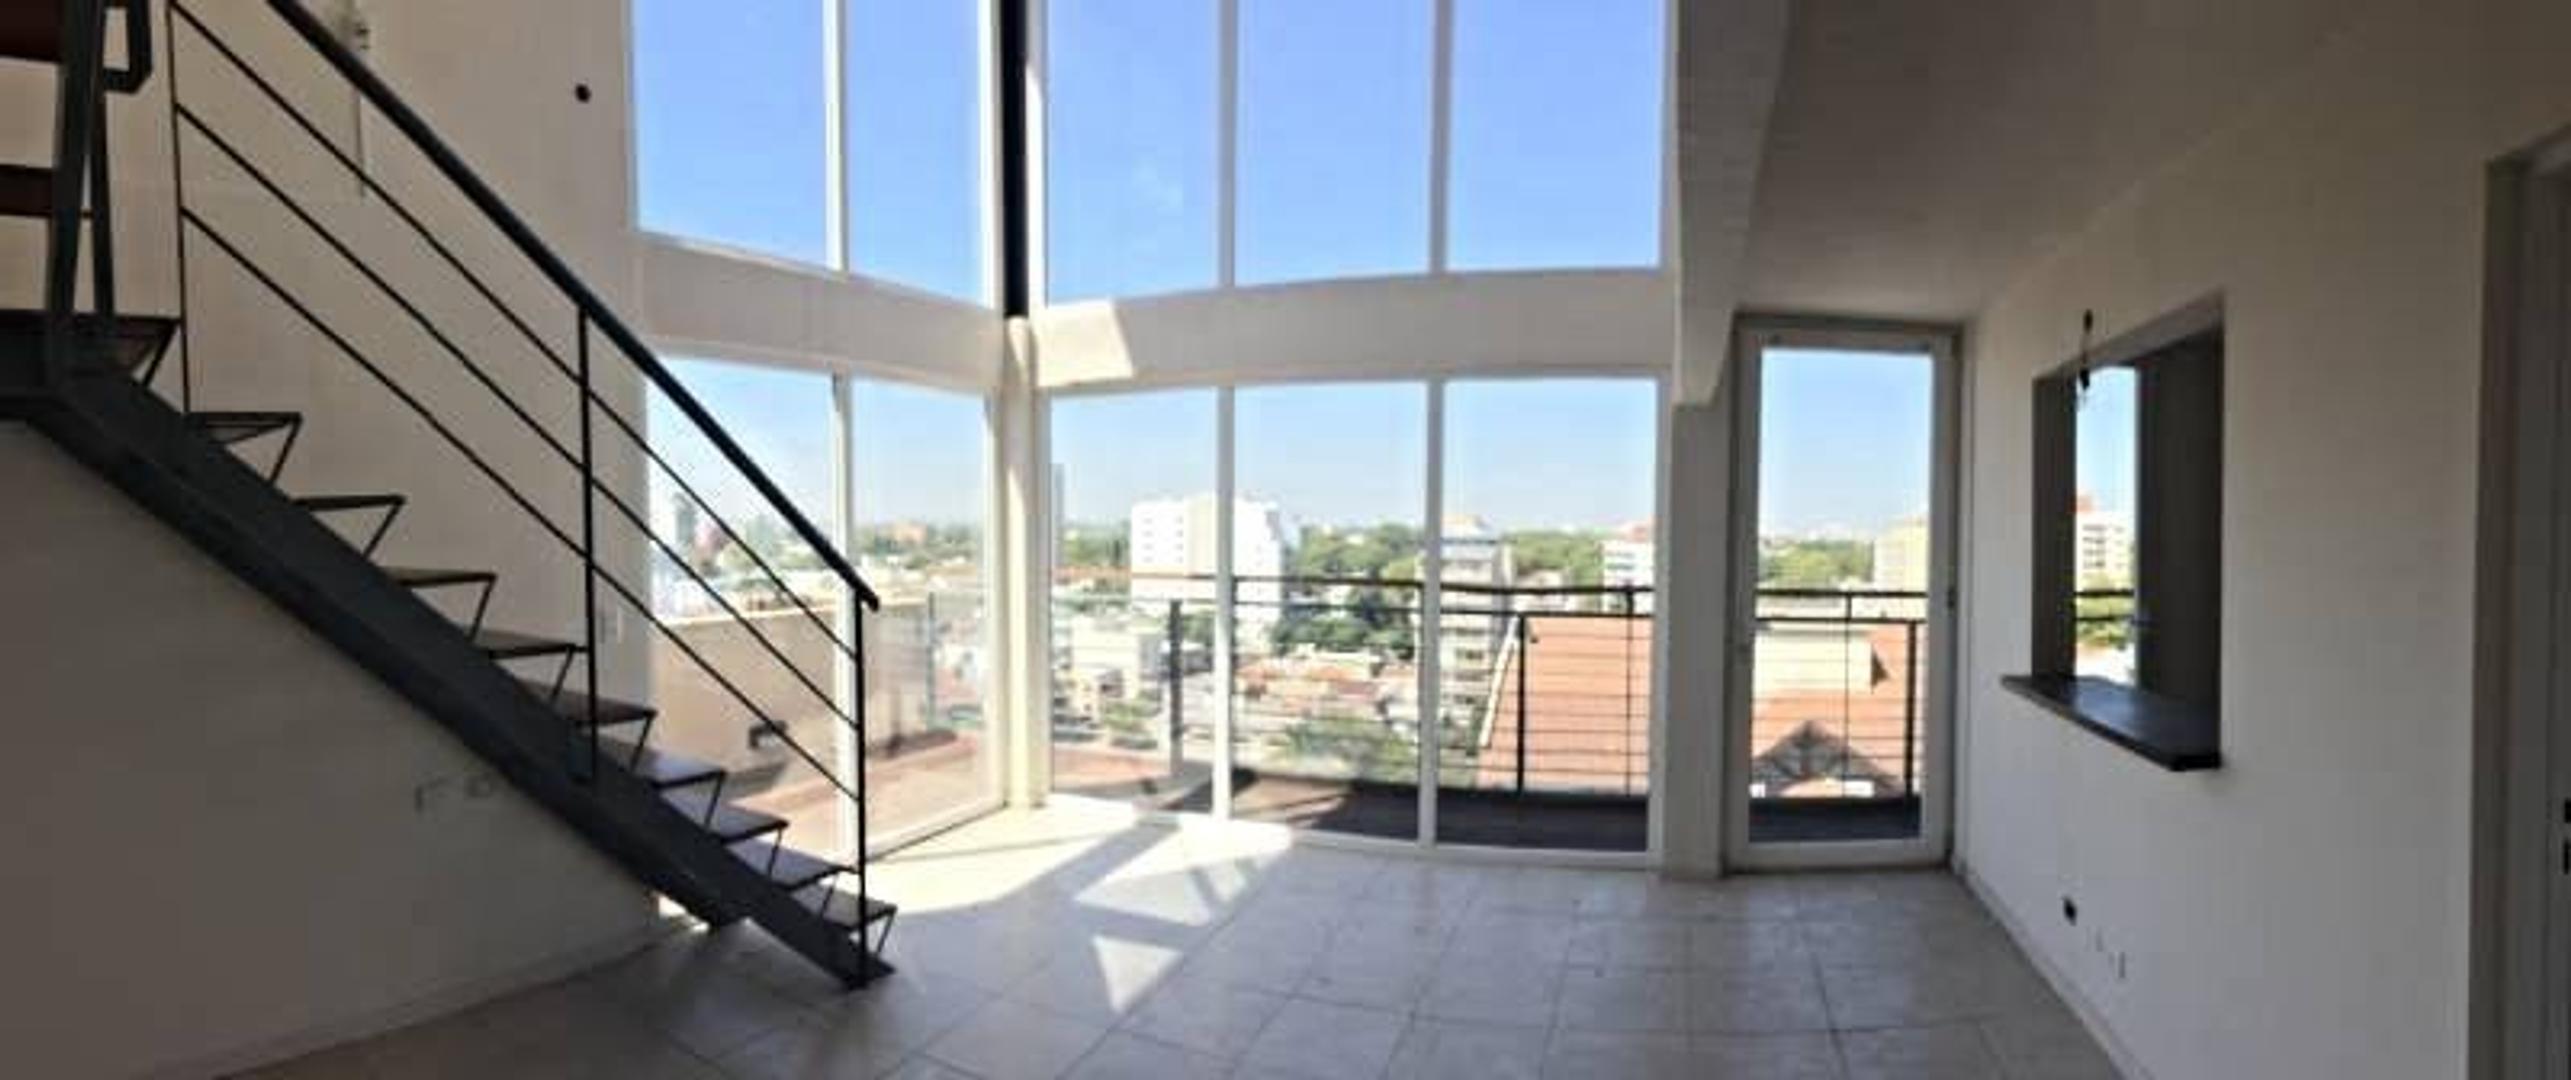 Departamento 2 Ambientes c/Cochera Tipo Duplex Unidad Especial - Posibilidad 2º Dormitorio